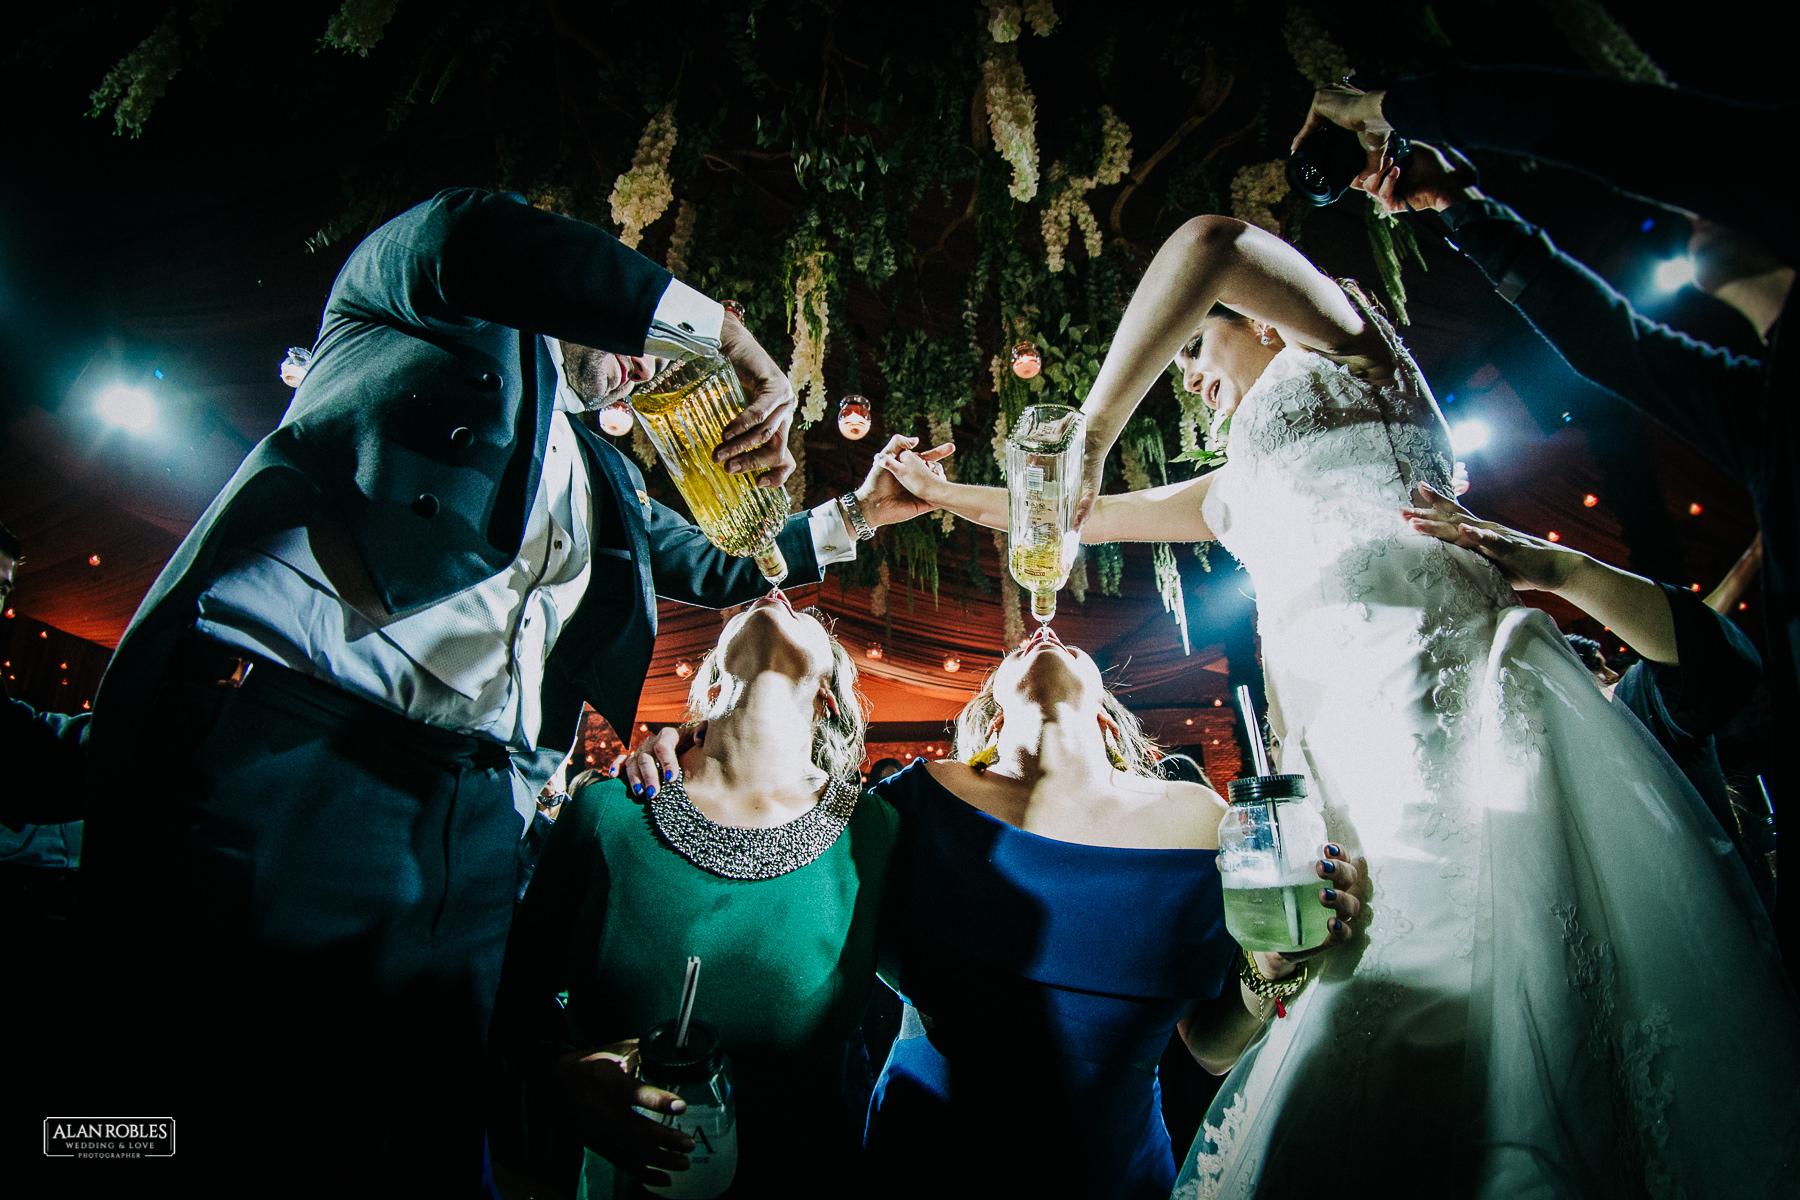 Fotografo de bodas Alan Robles-Casa Clementina Guadalajara DyA-75